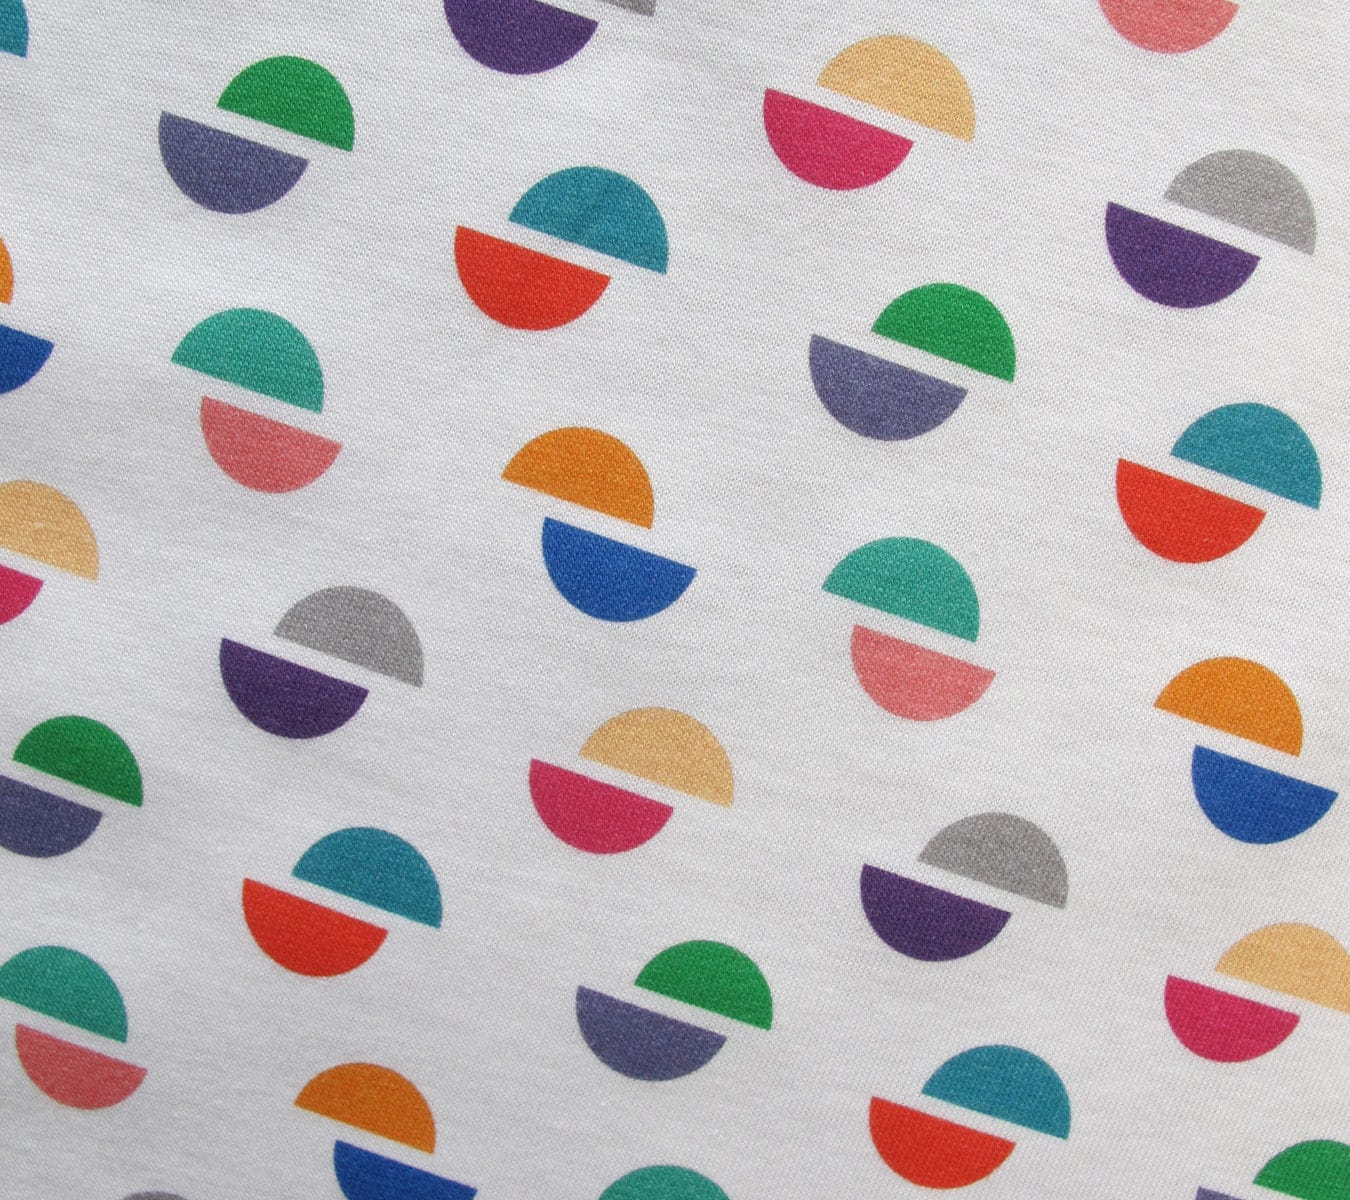 Manouche tissus, achat tissus coton, achat tissus au mètre, tissus toulouse, tissus createurs, tissus créateur, achat tissus, tissus couture, tissus originaux, tissus viscose, tissus jersey, tissus petite quantité, coupons, achat tissus Toulouse, boutique en ligne, eshop, tissus au mètre, tissus uniques colorés, tissus imprimés, tissus écologiques, boutique de tissus en ligne, tissus à motifs, tissus uniques, envies couture, paiement sécurisé CB et Paypal